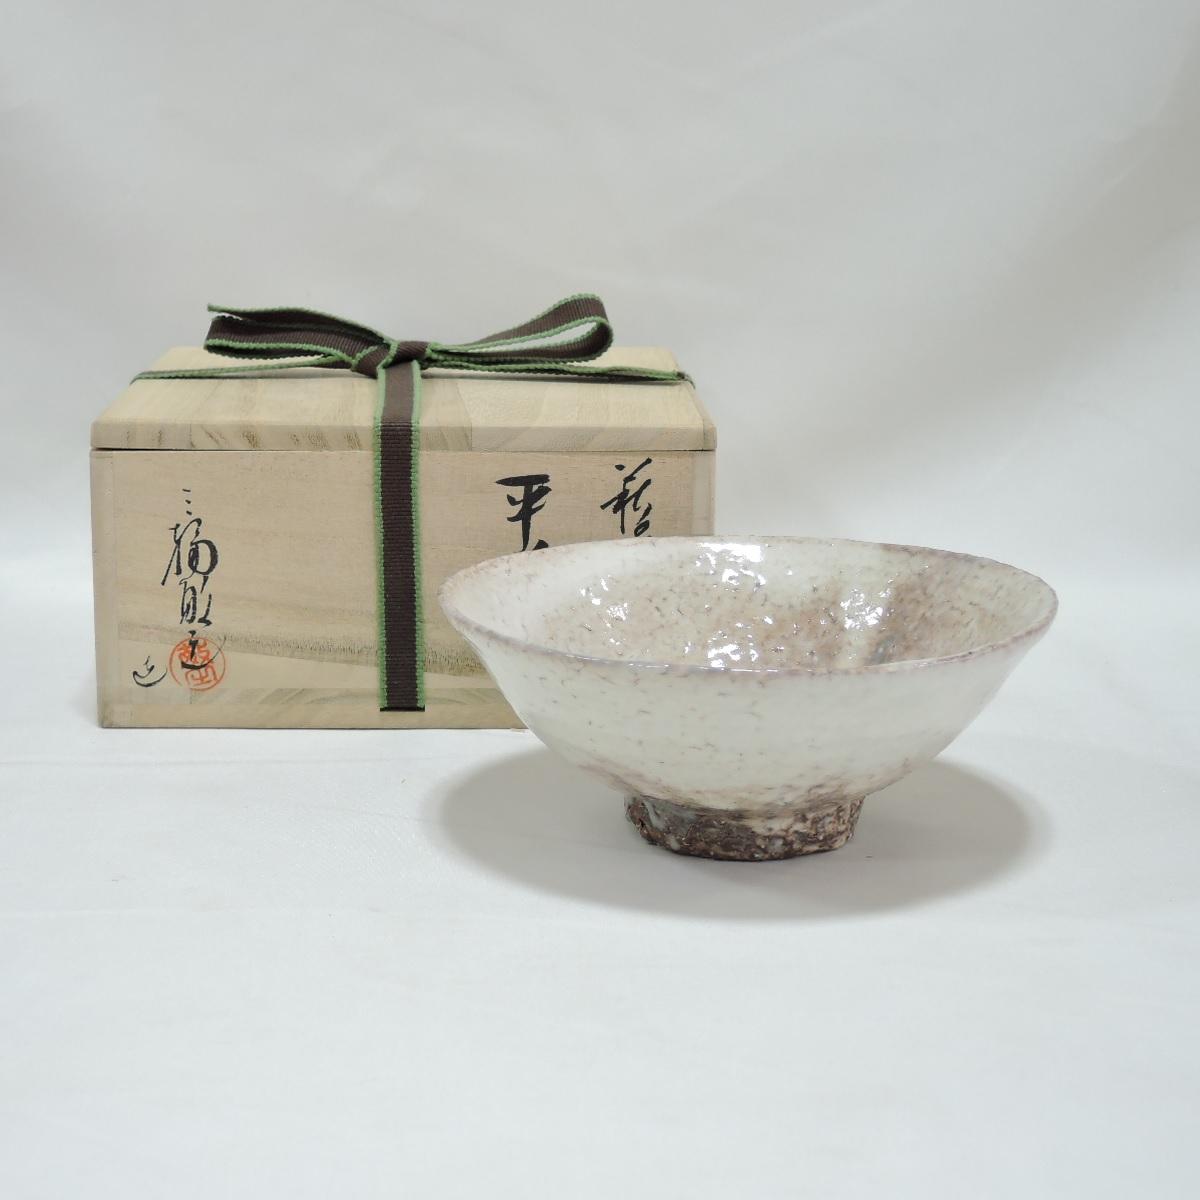 【中古】三輪敏之作 萩焼 平茶碗 茶道具【美品】